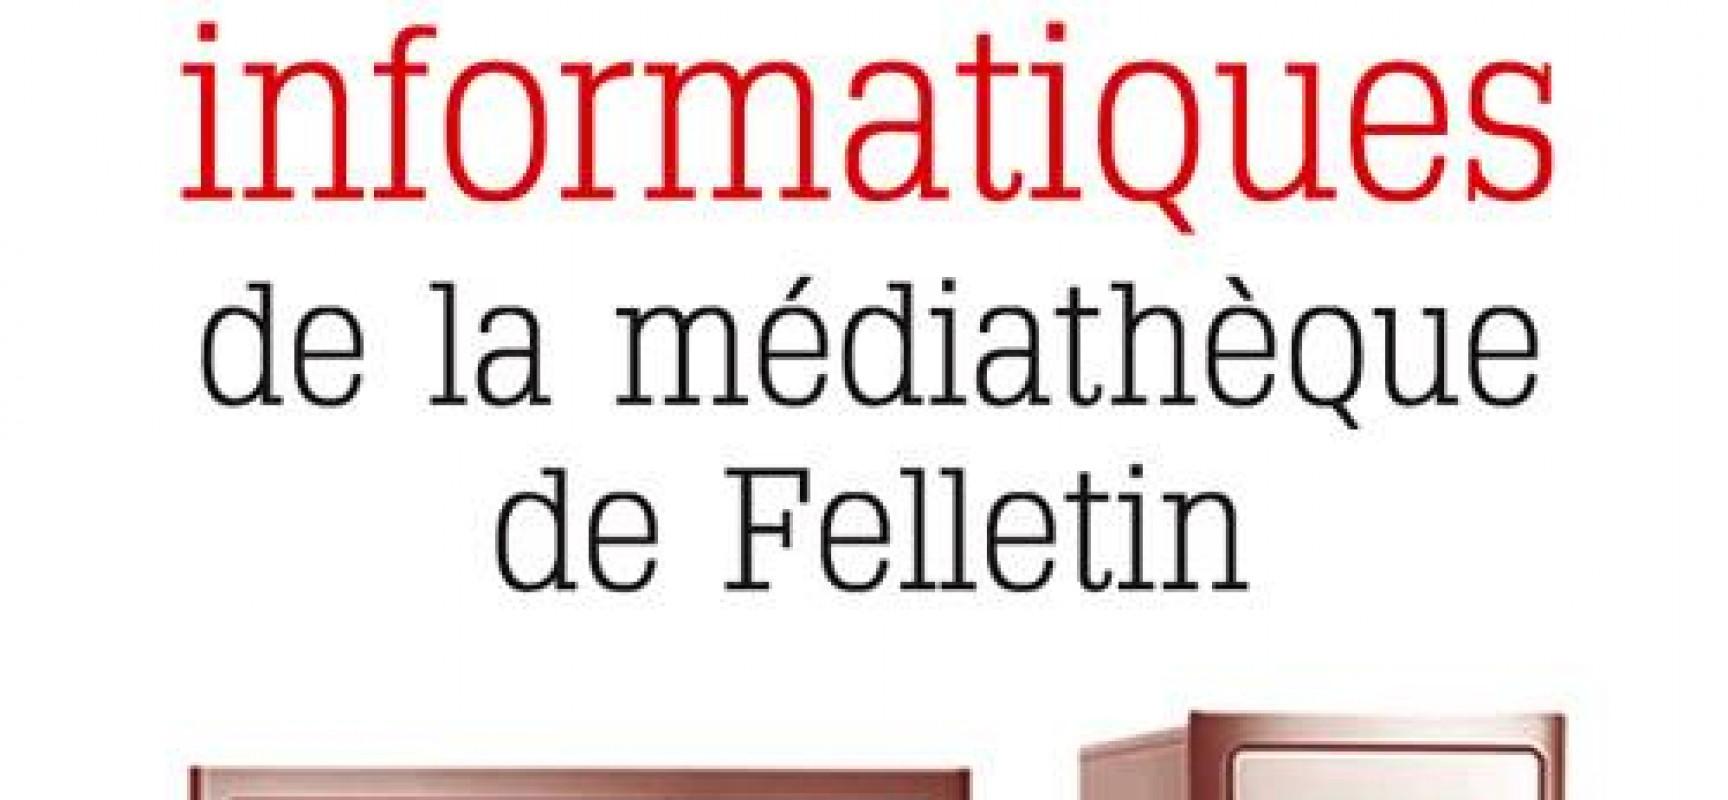 Les ateliers informatiques de Juillet & Août 2014 à la MIF